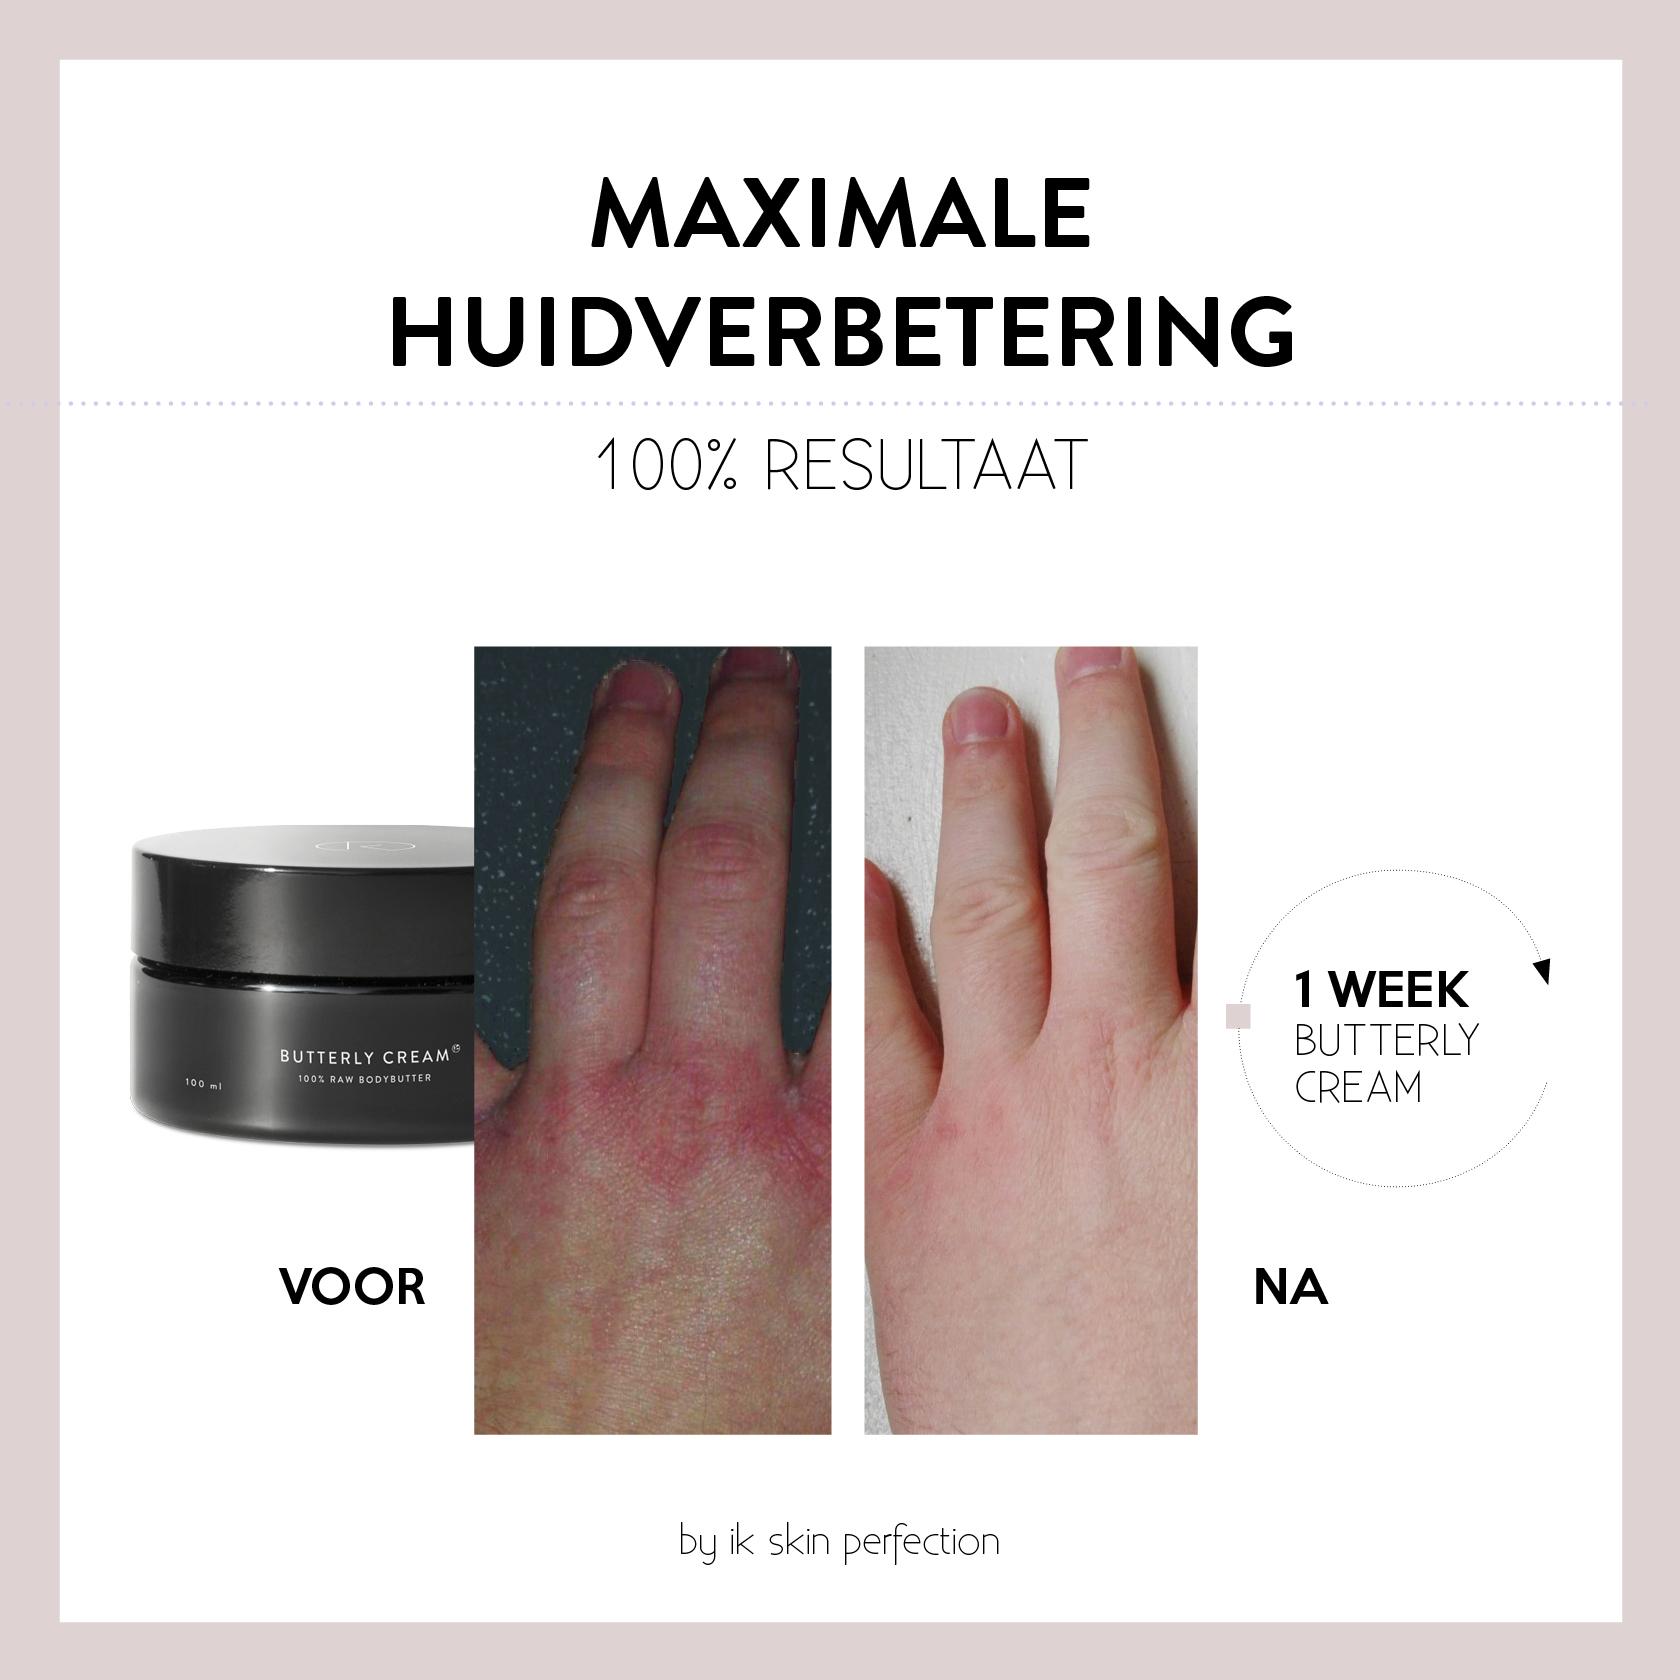 huidverbetering before en after foto